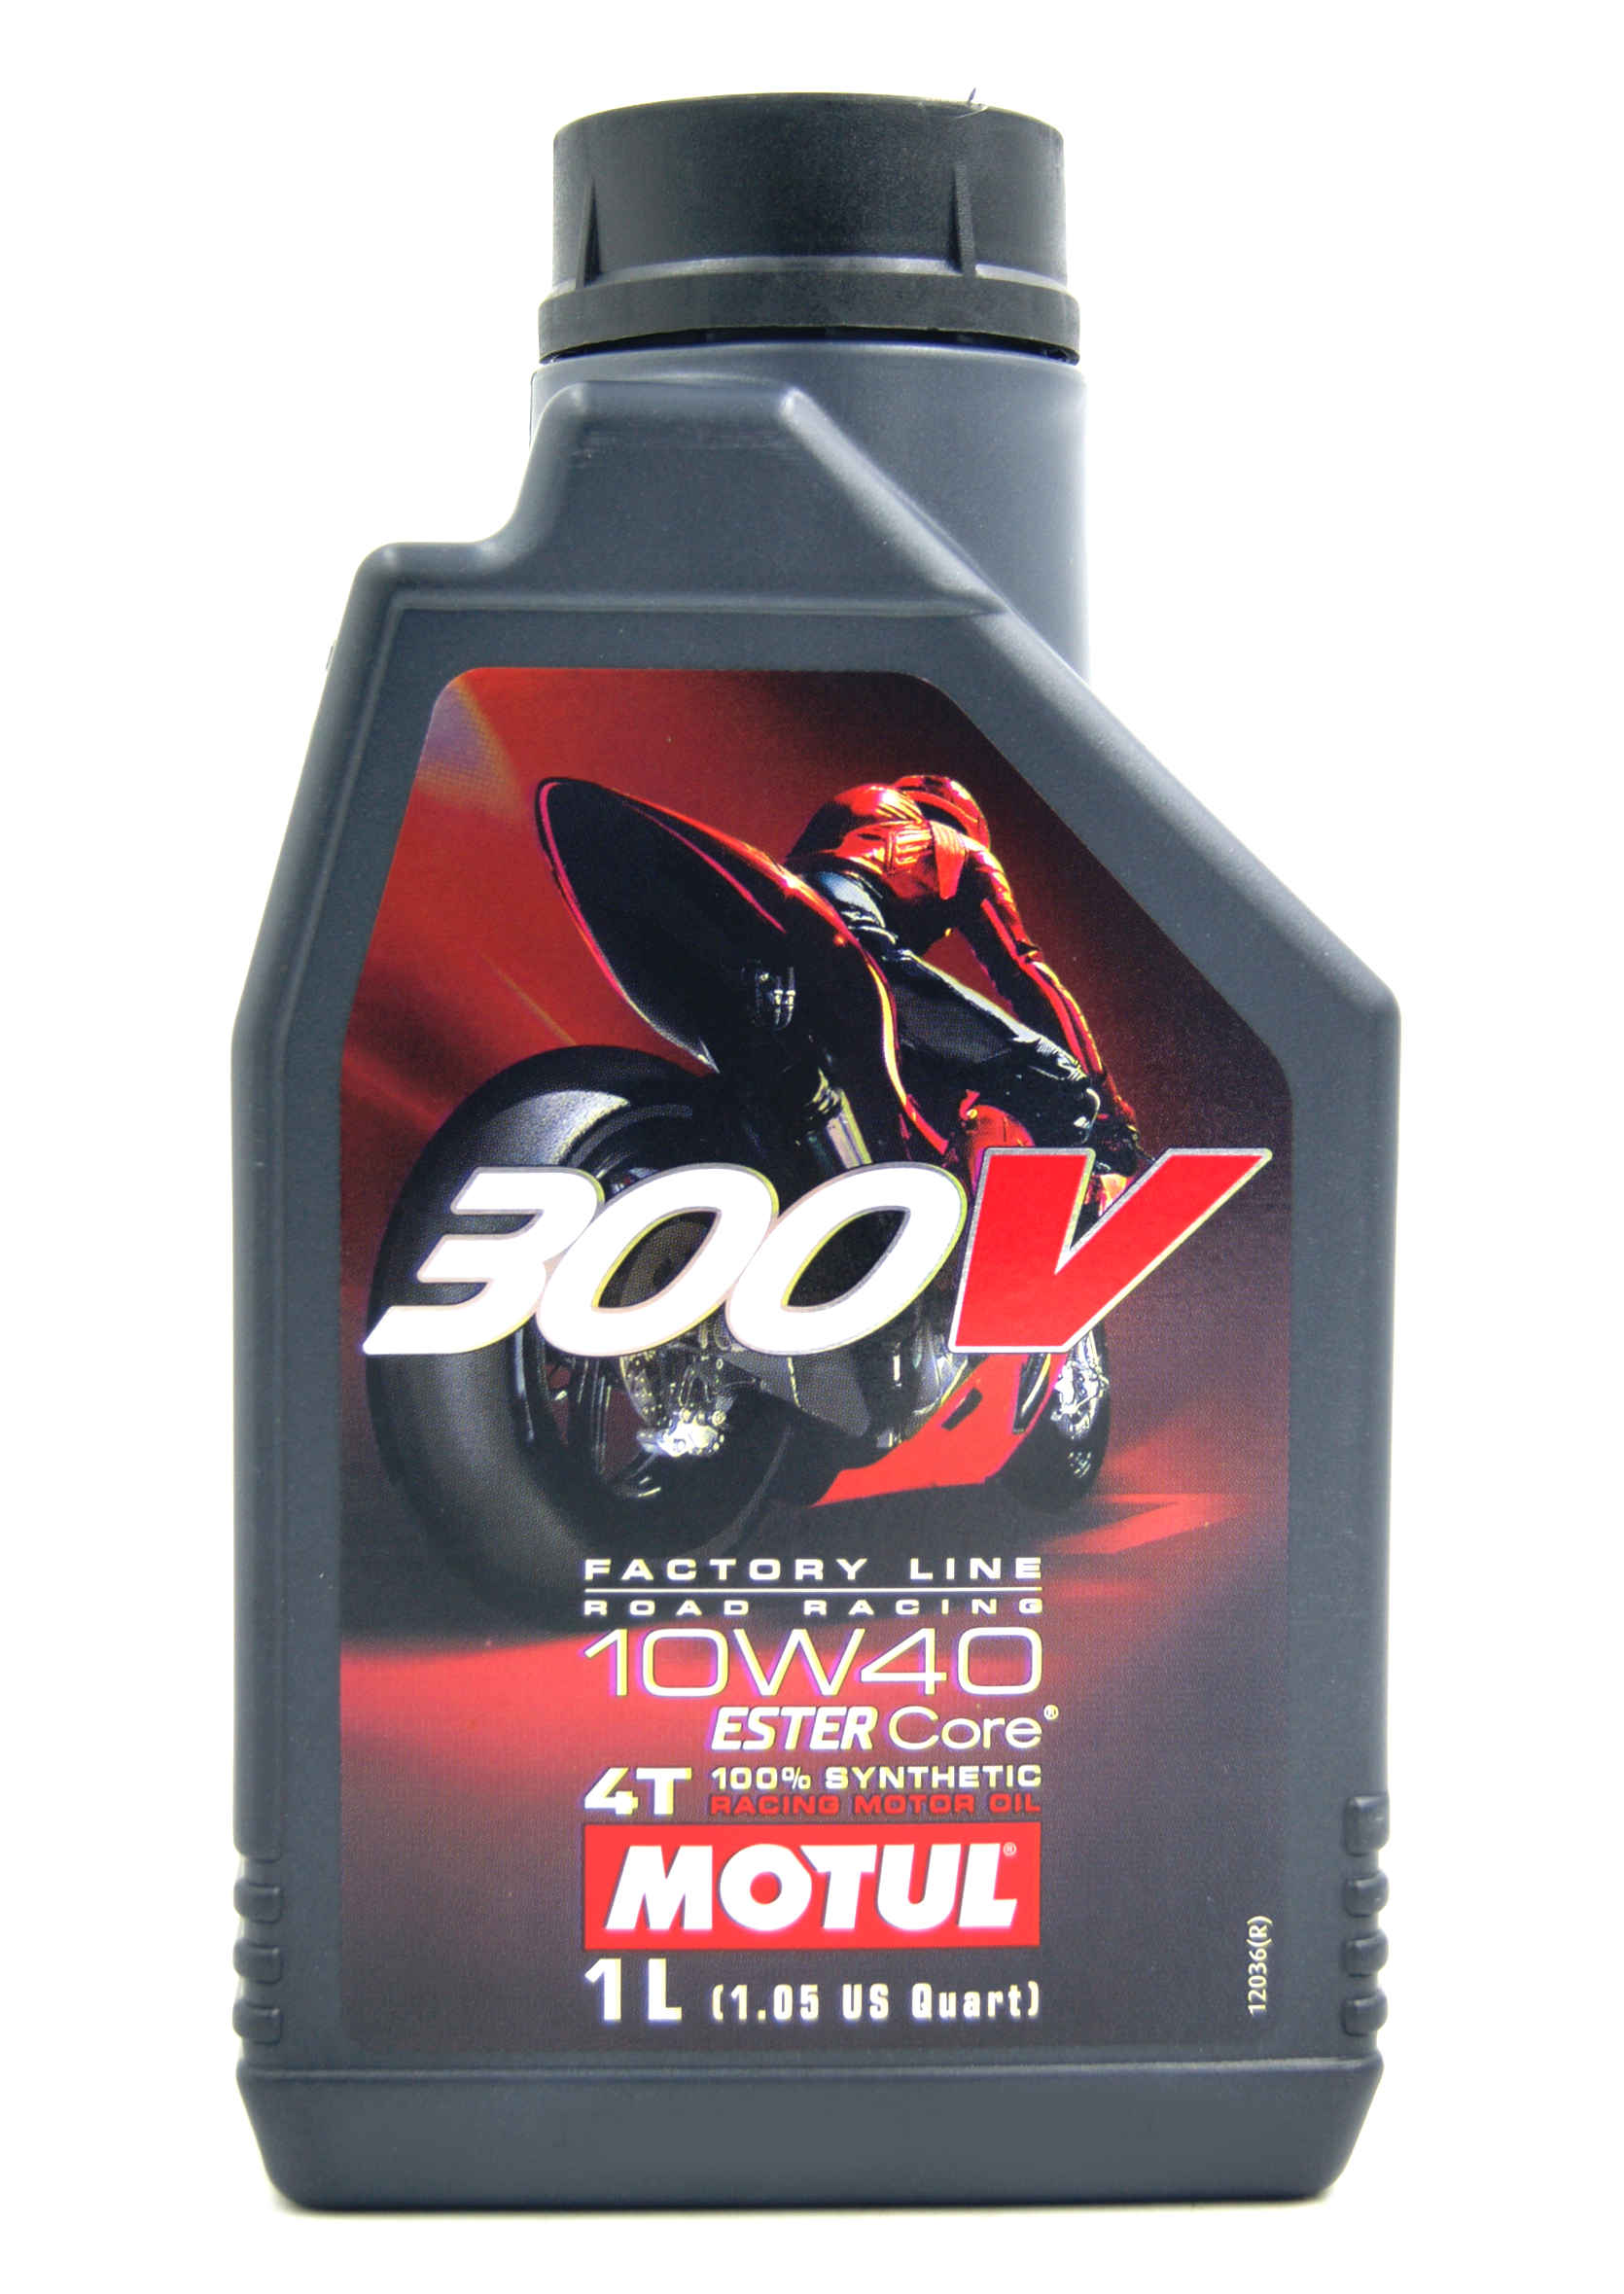 Motul 300V Factory Line 4T 10W40 1L Syntetyczny Olej Motocyklowy